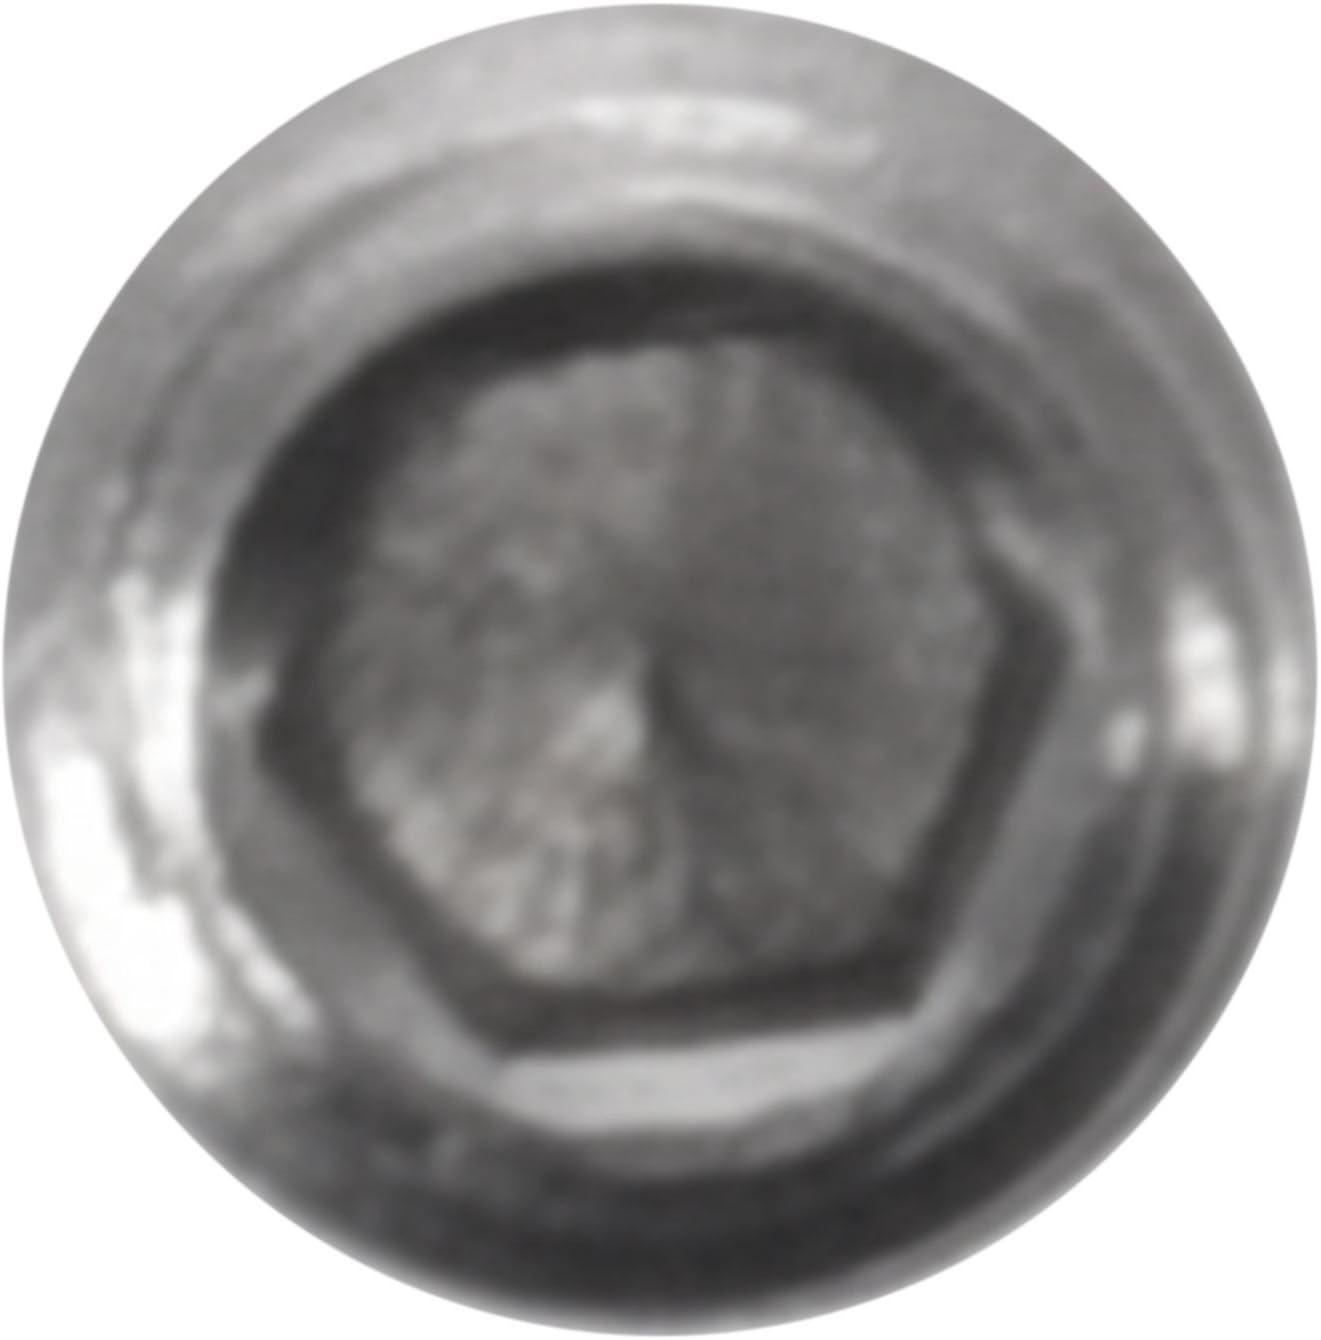 SNOWINSPRING 50Pcs M3X3Mm Edelstahl Innensechskant Set Cap Point Madenschrauben Silber